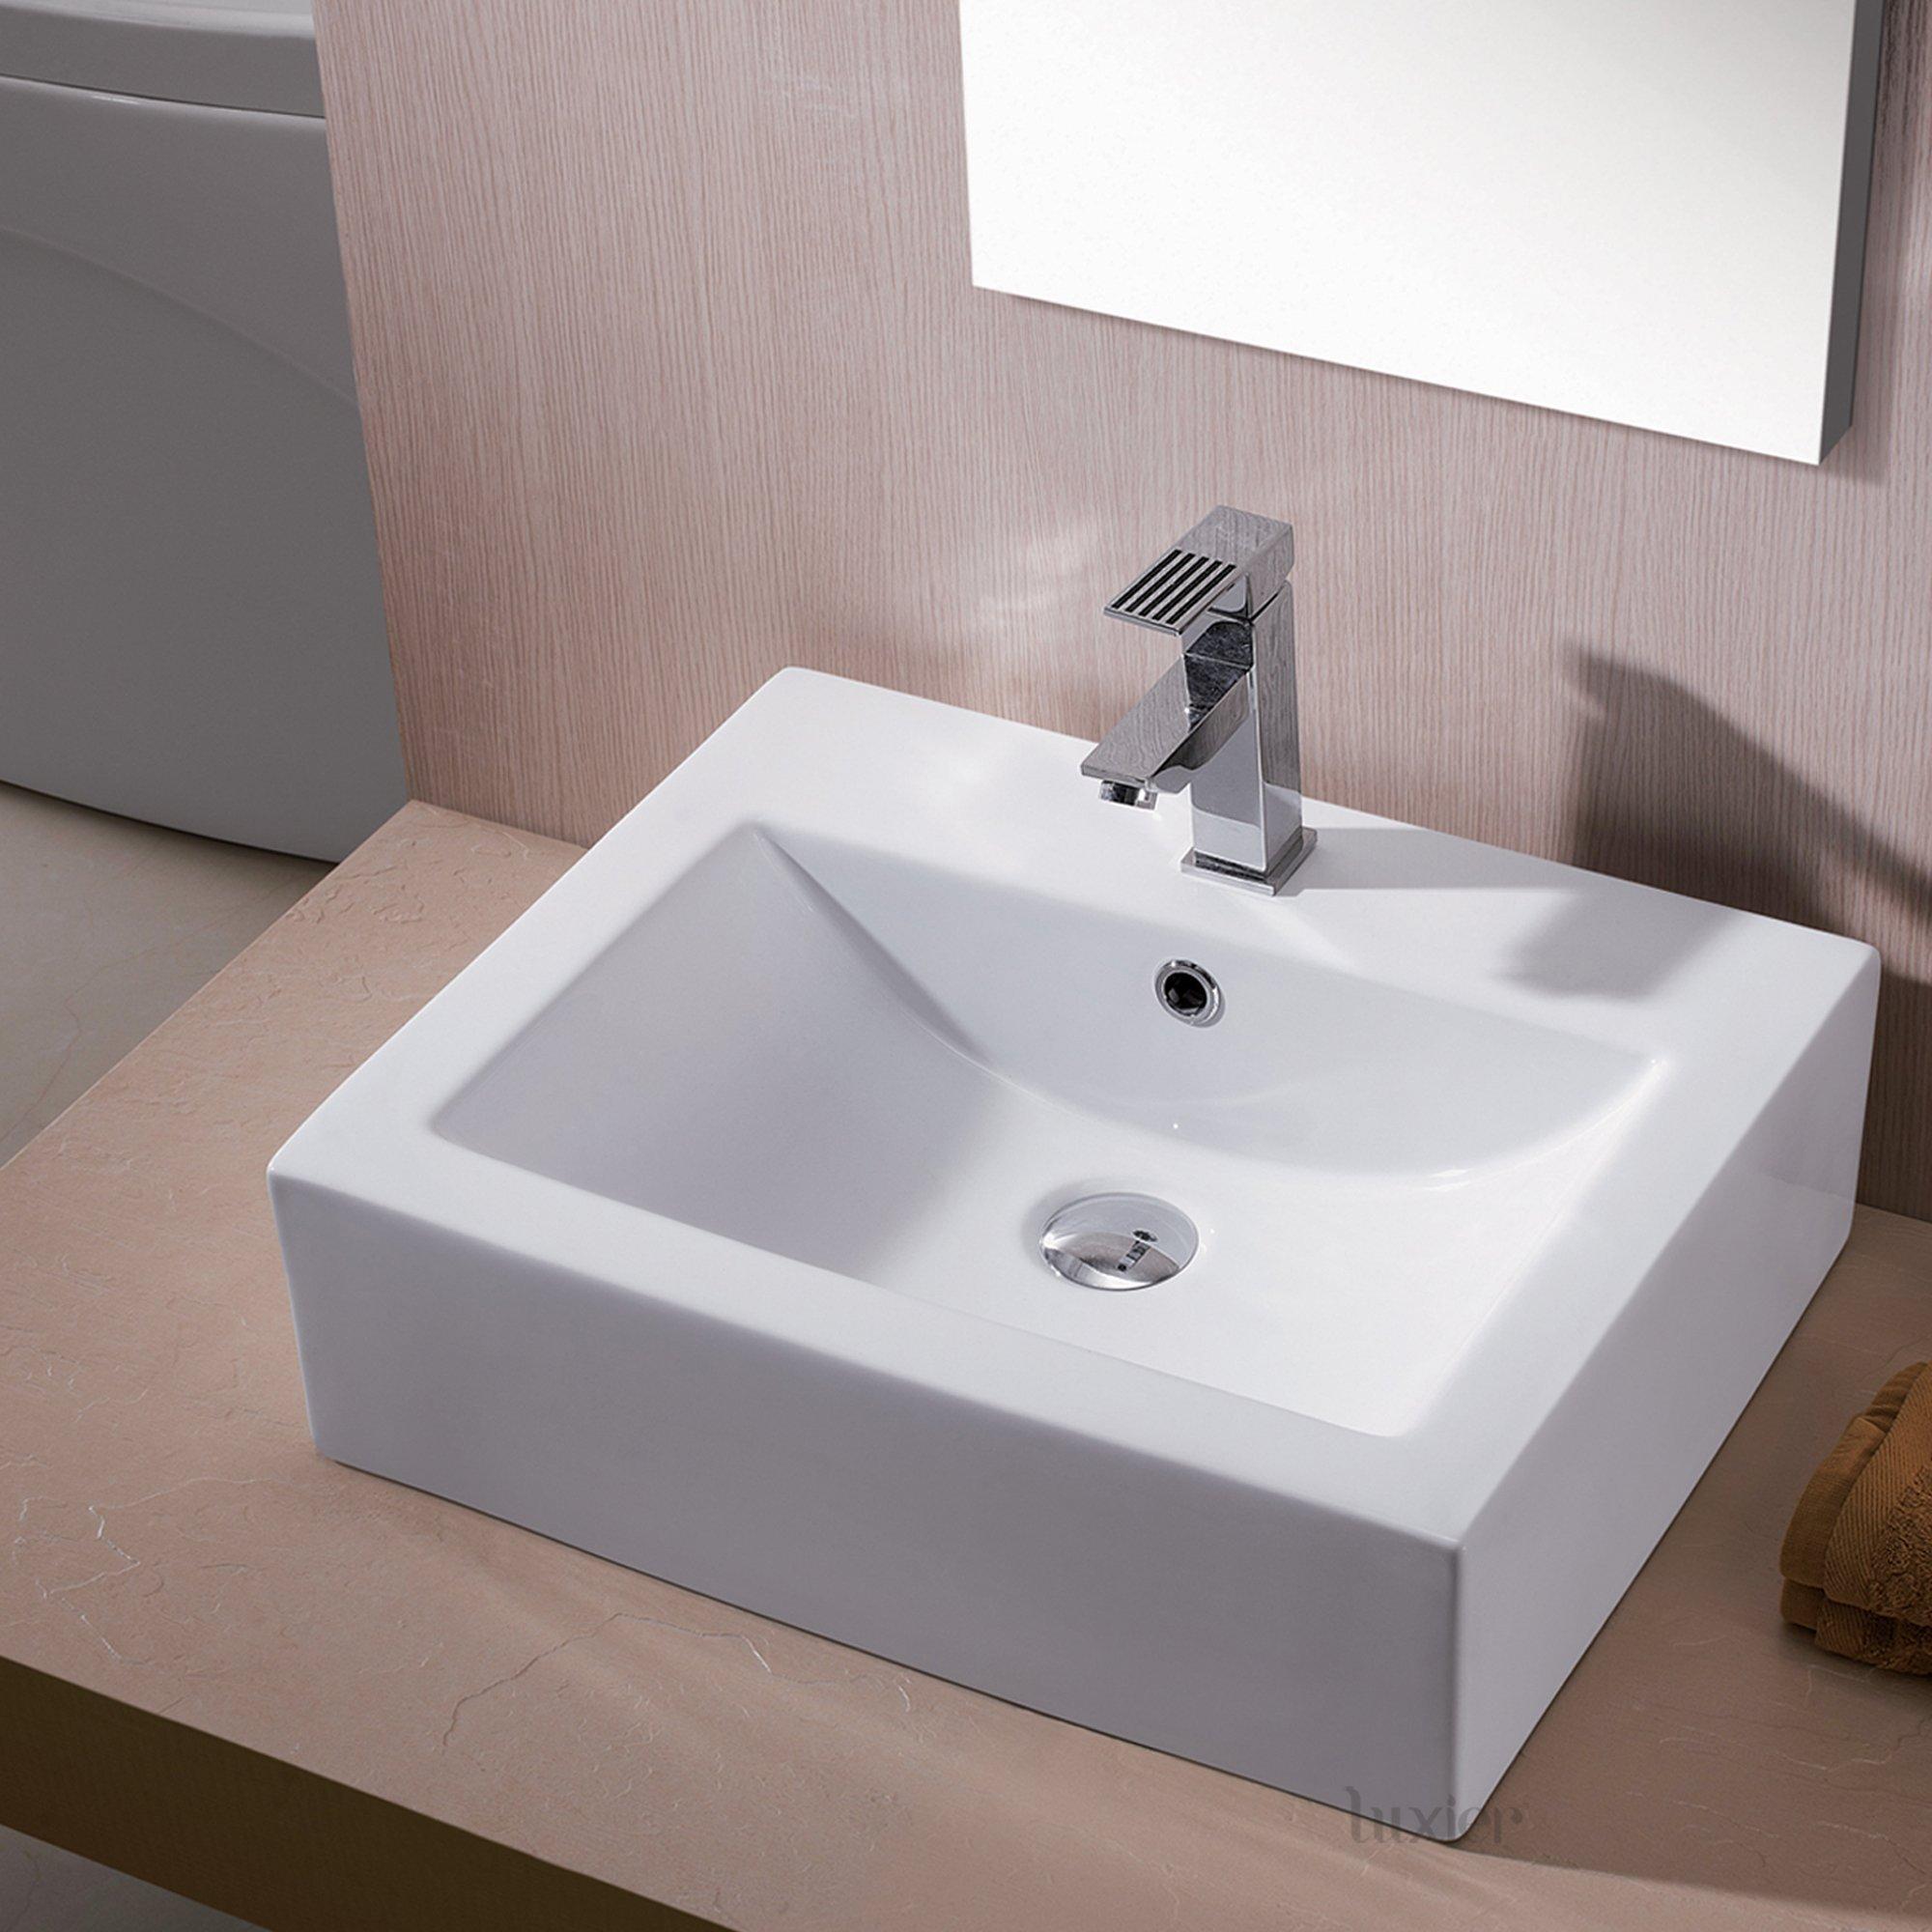 Luxier CS-003 Bathroom Porcelain Ceramic Vessel Vanity Sink Art Basin by Luxier